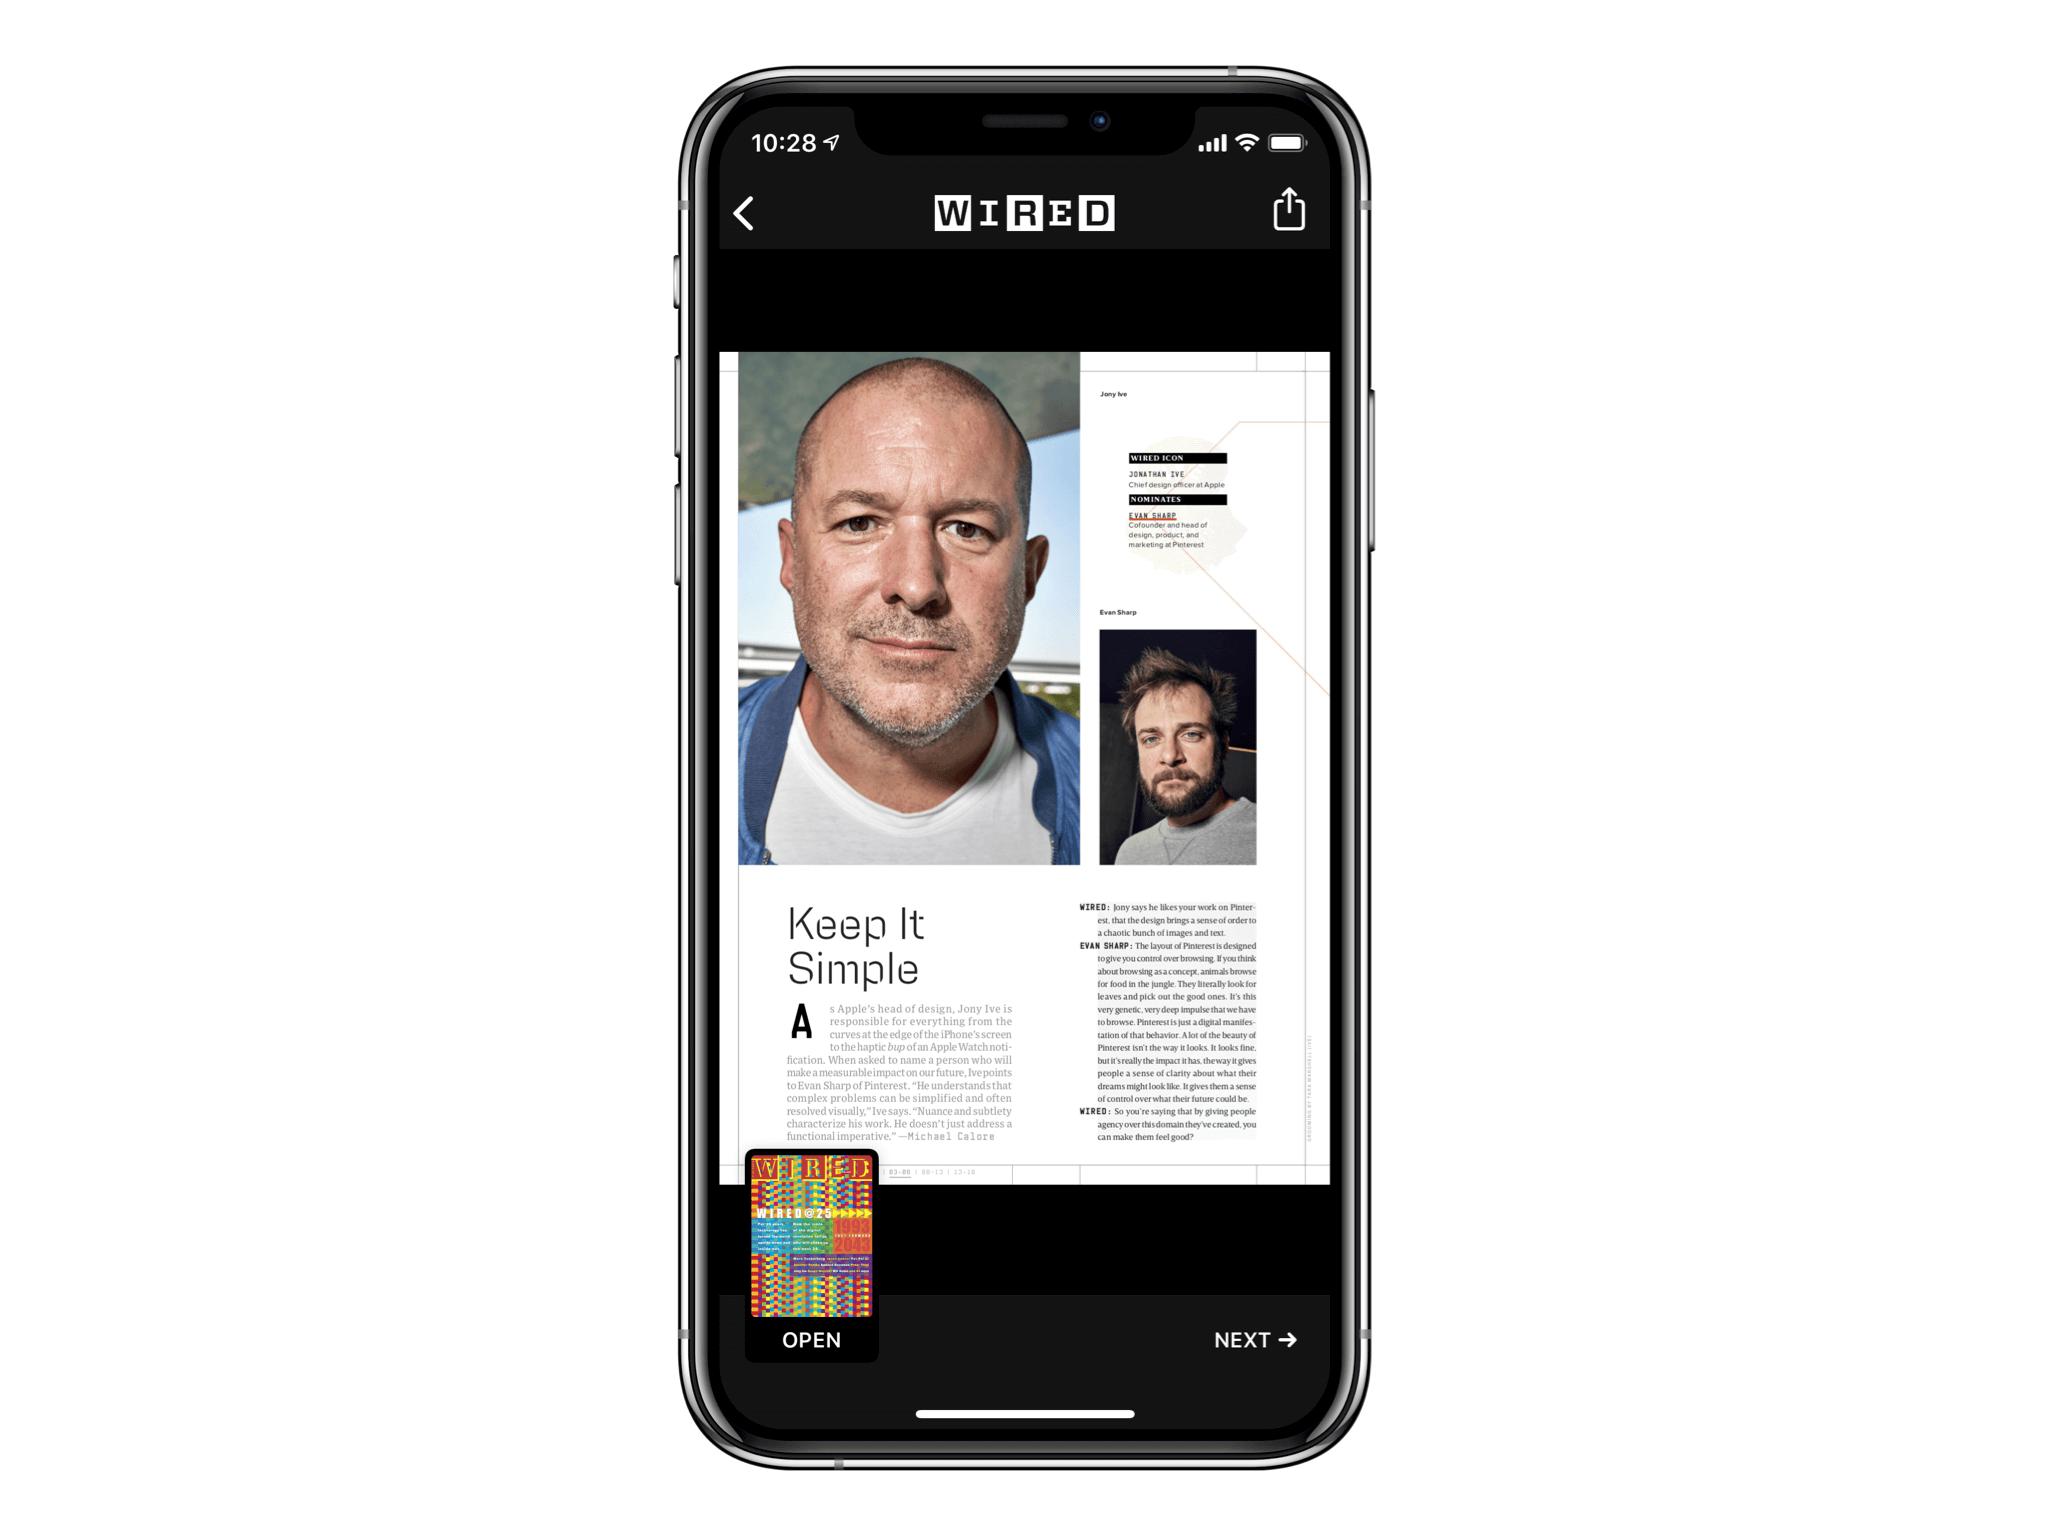 屈尊以 PDF 格式显示在 iPhone 上的 Ive 爵士